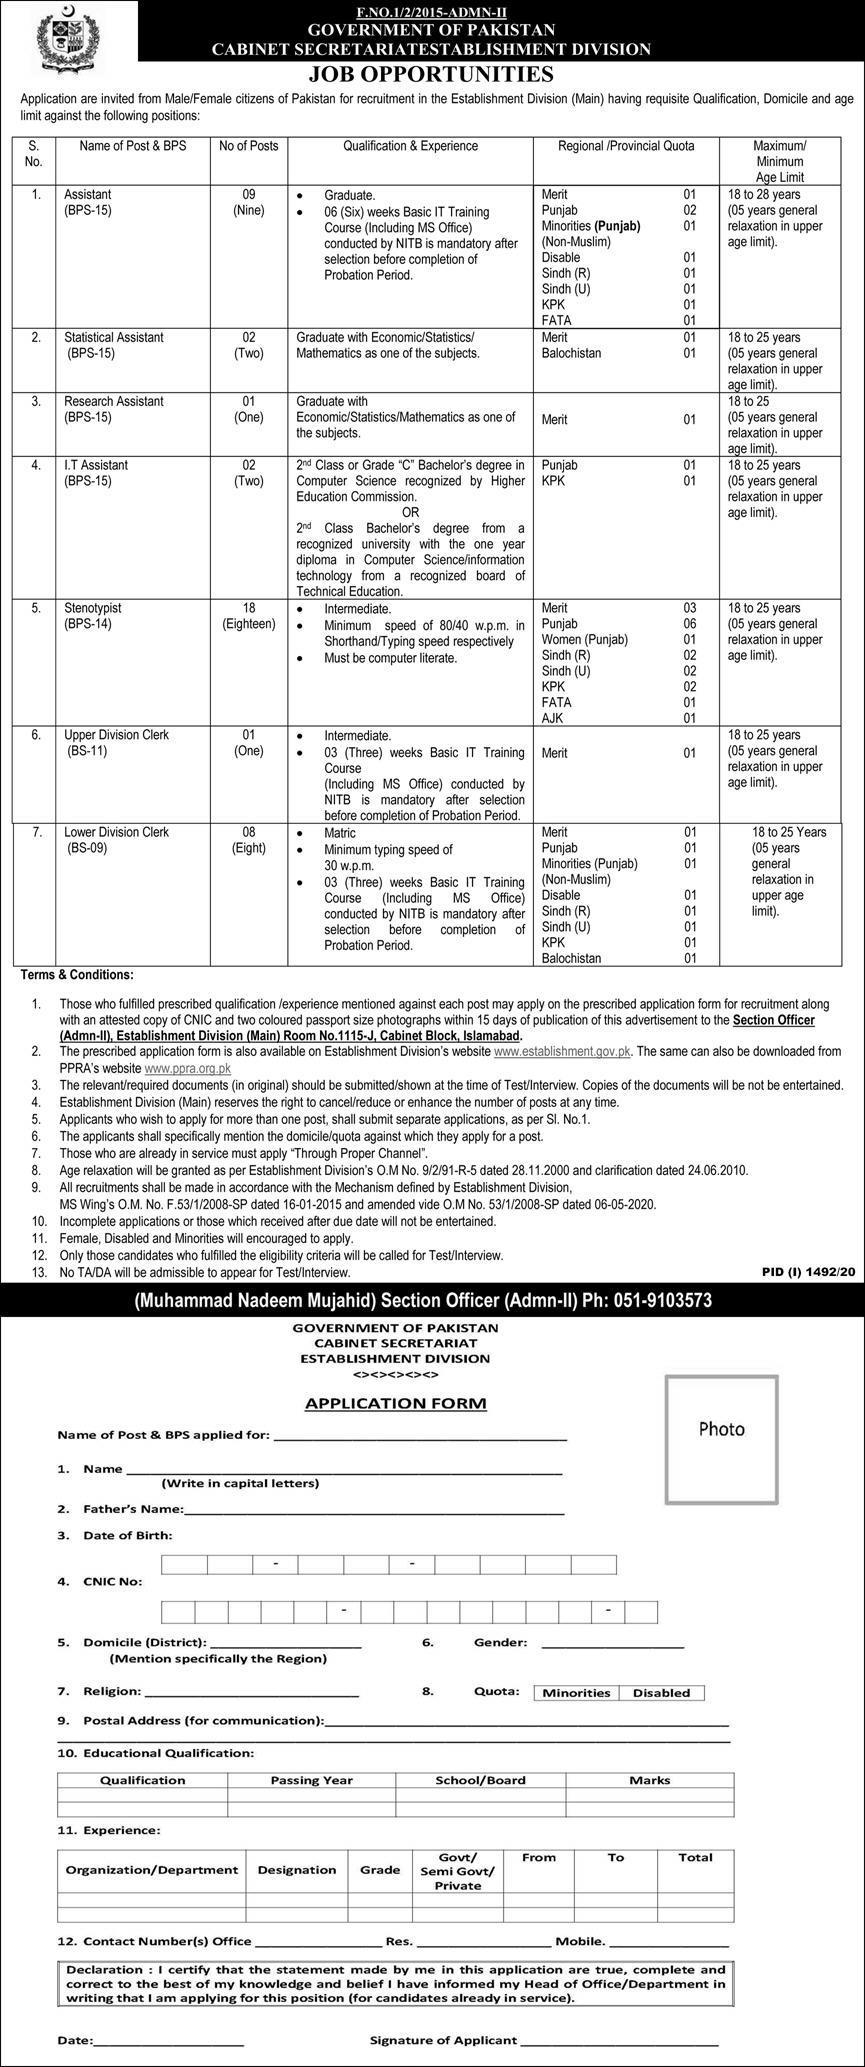 Job Opportunities in Govt of Pakistan Secretariat Establishment Division